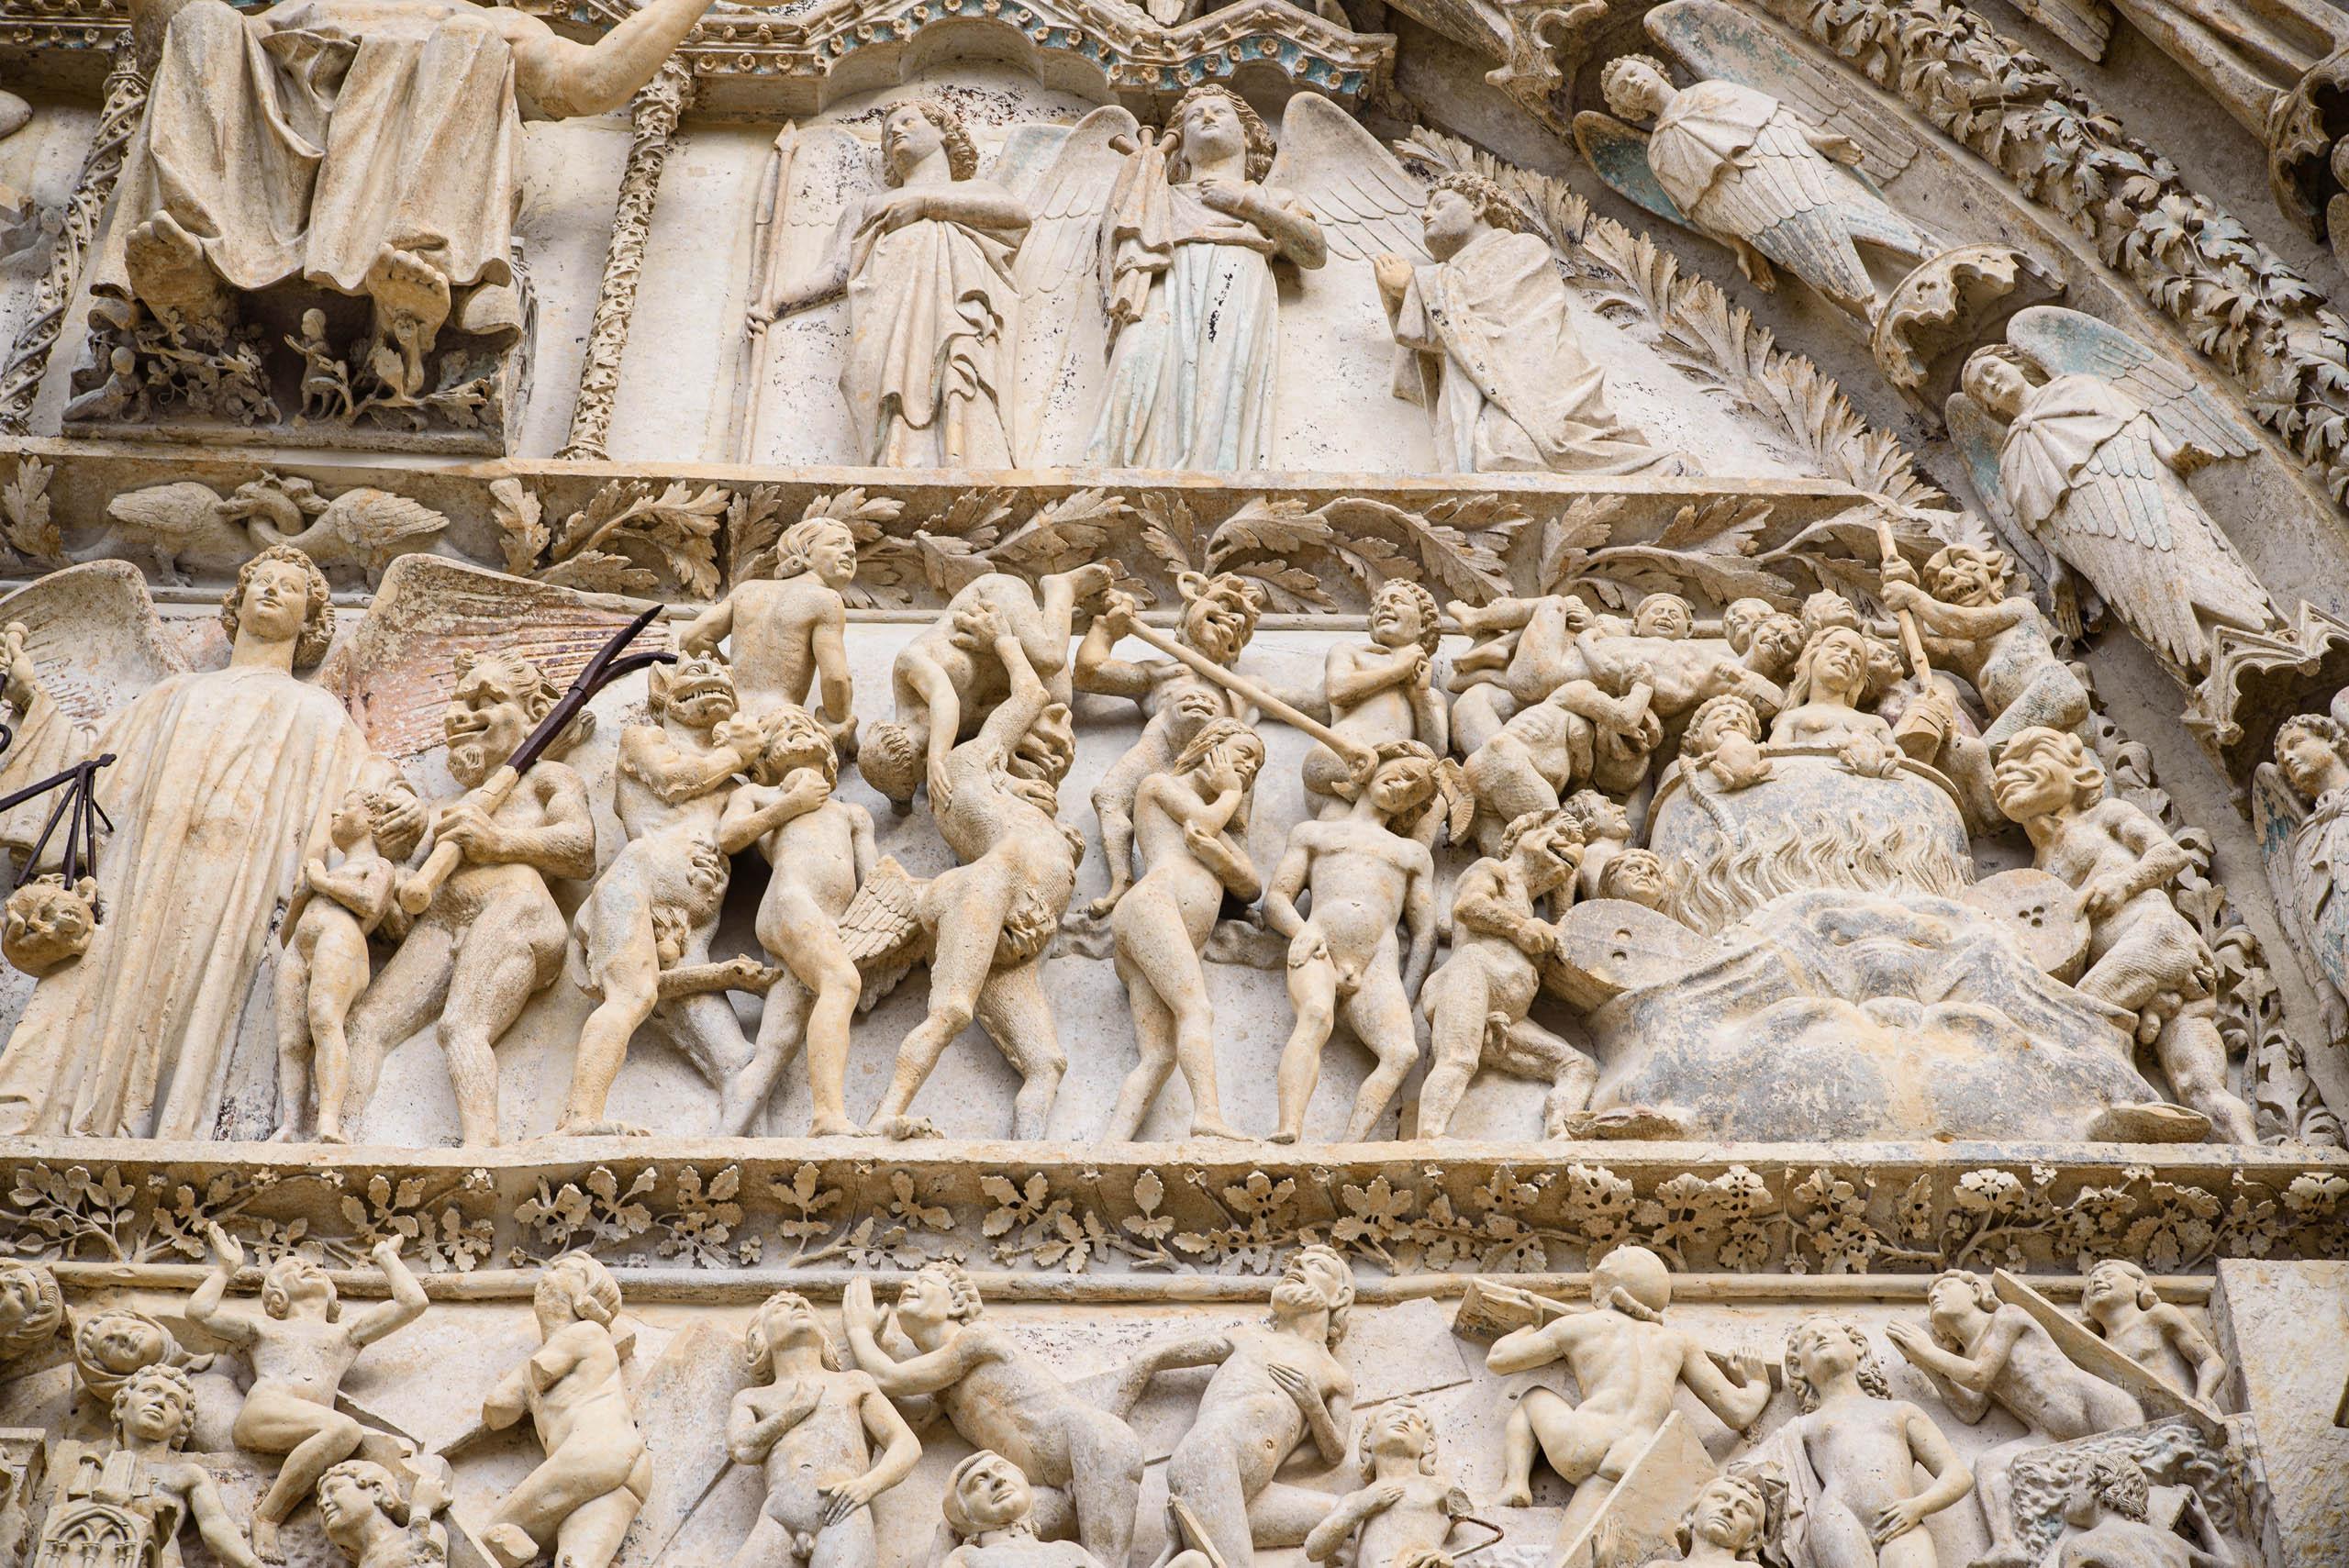 Rzeźby na fasadzie katedry w Bourges